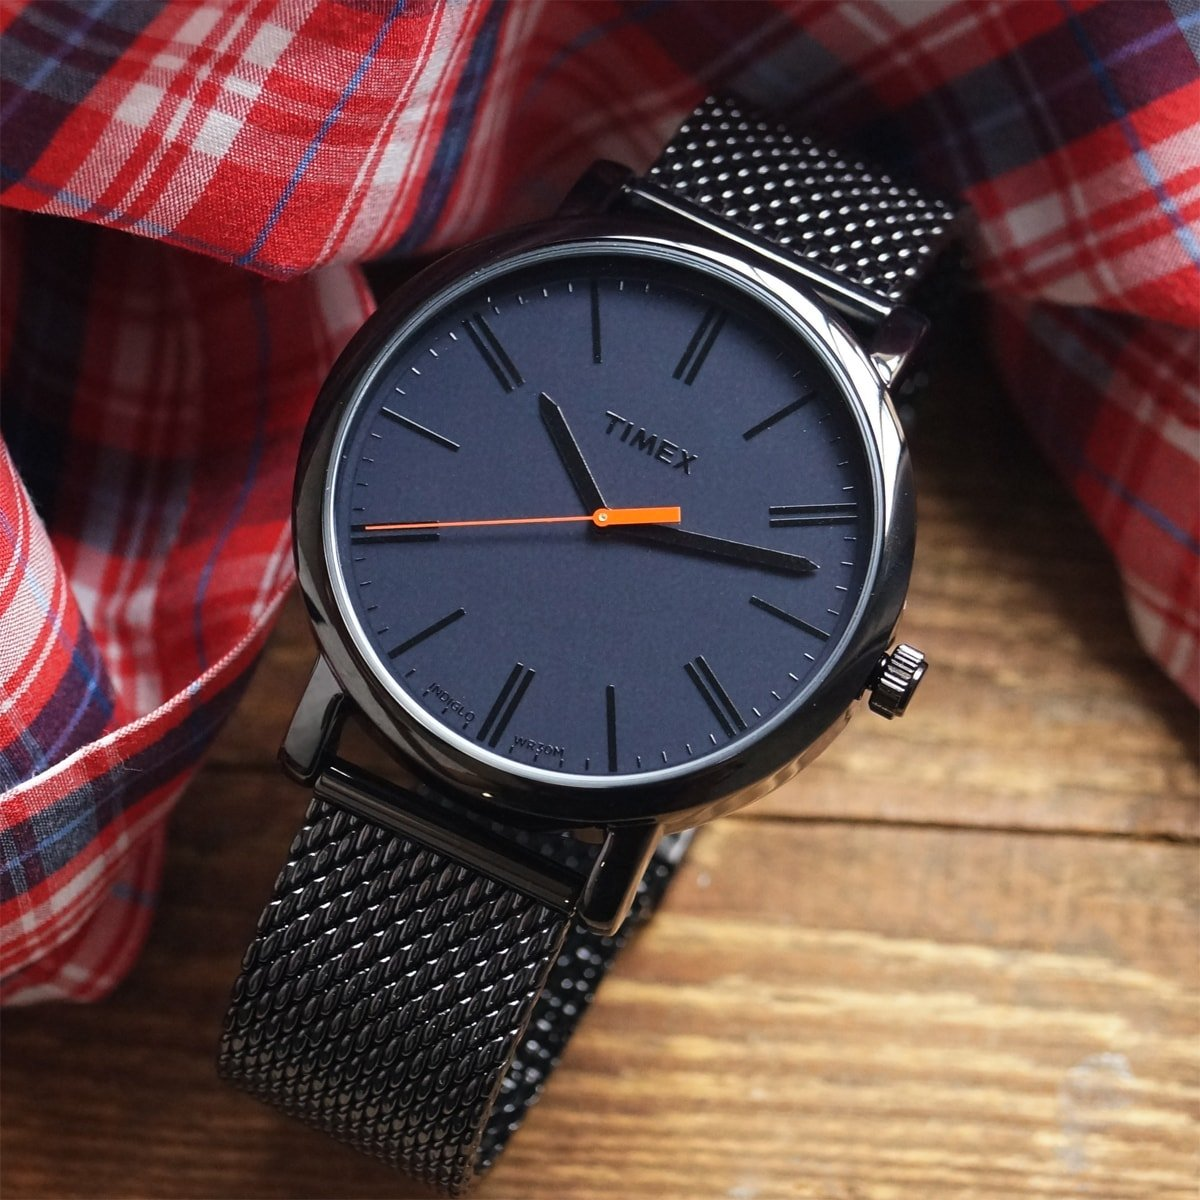 Wysokiej jakości, męski zegarek Timex T2N794M Originals Oversized Mesh na czarnej stalowej bransolecie typu mesh z zapięciem G-Link